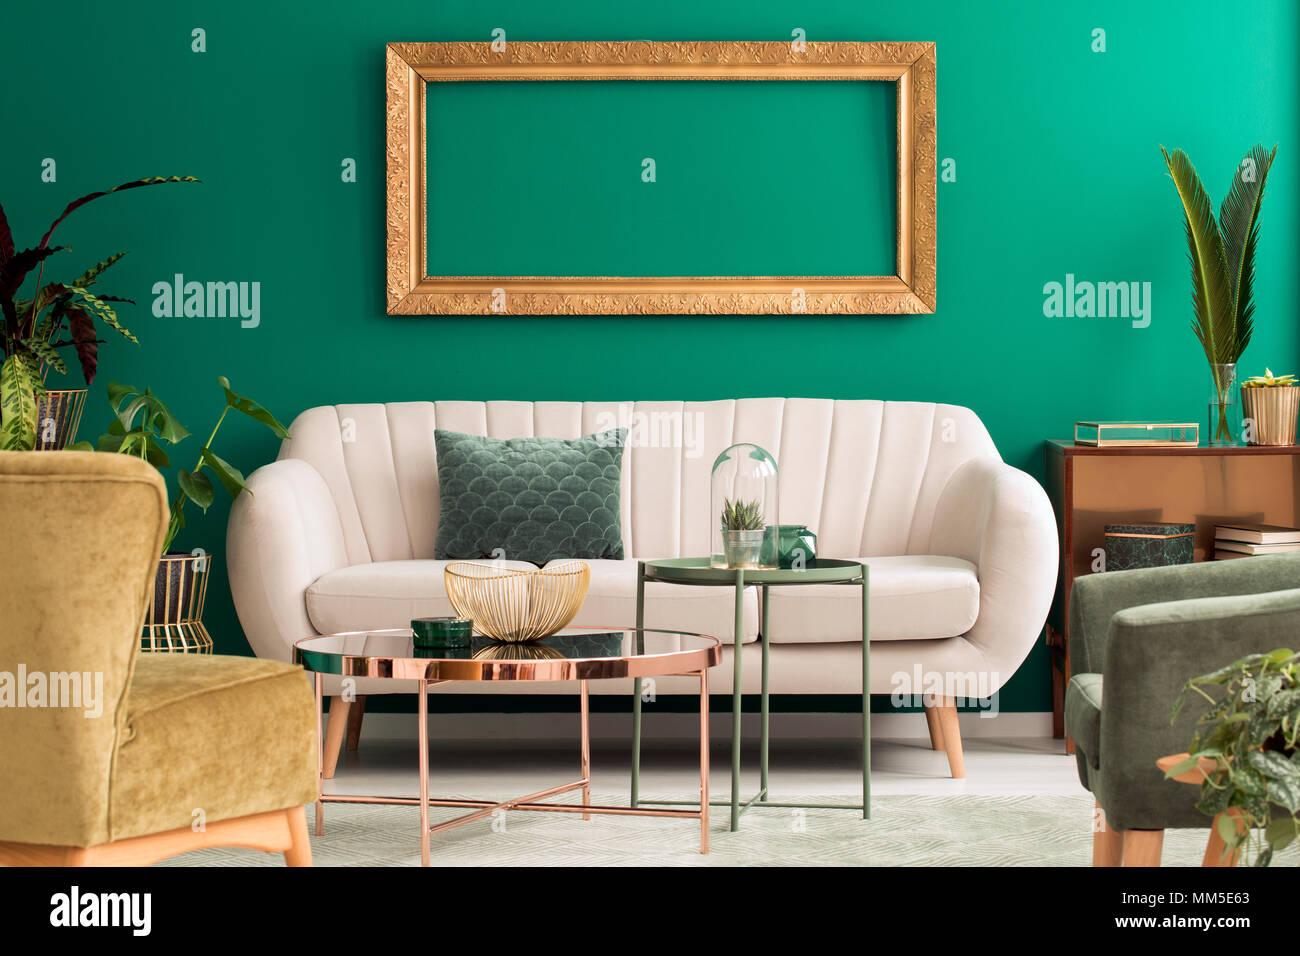 Metall Gold Und Grun Tabellen In Wohnzimmer Einrichtung Mit Hellen